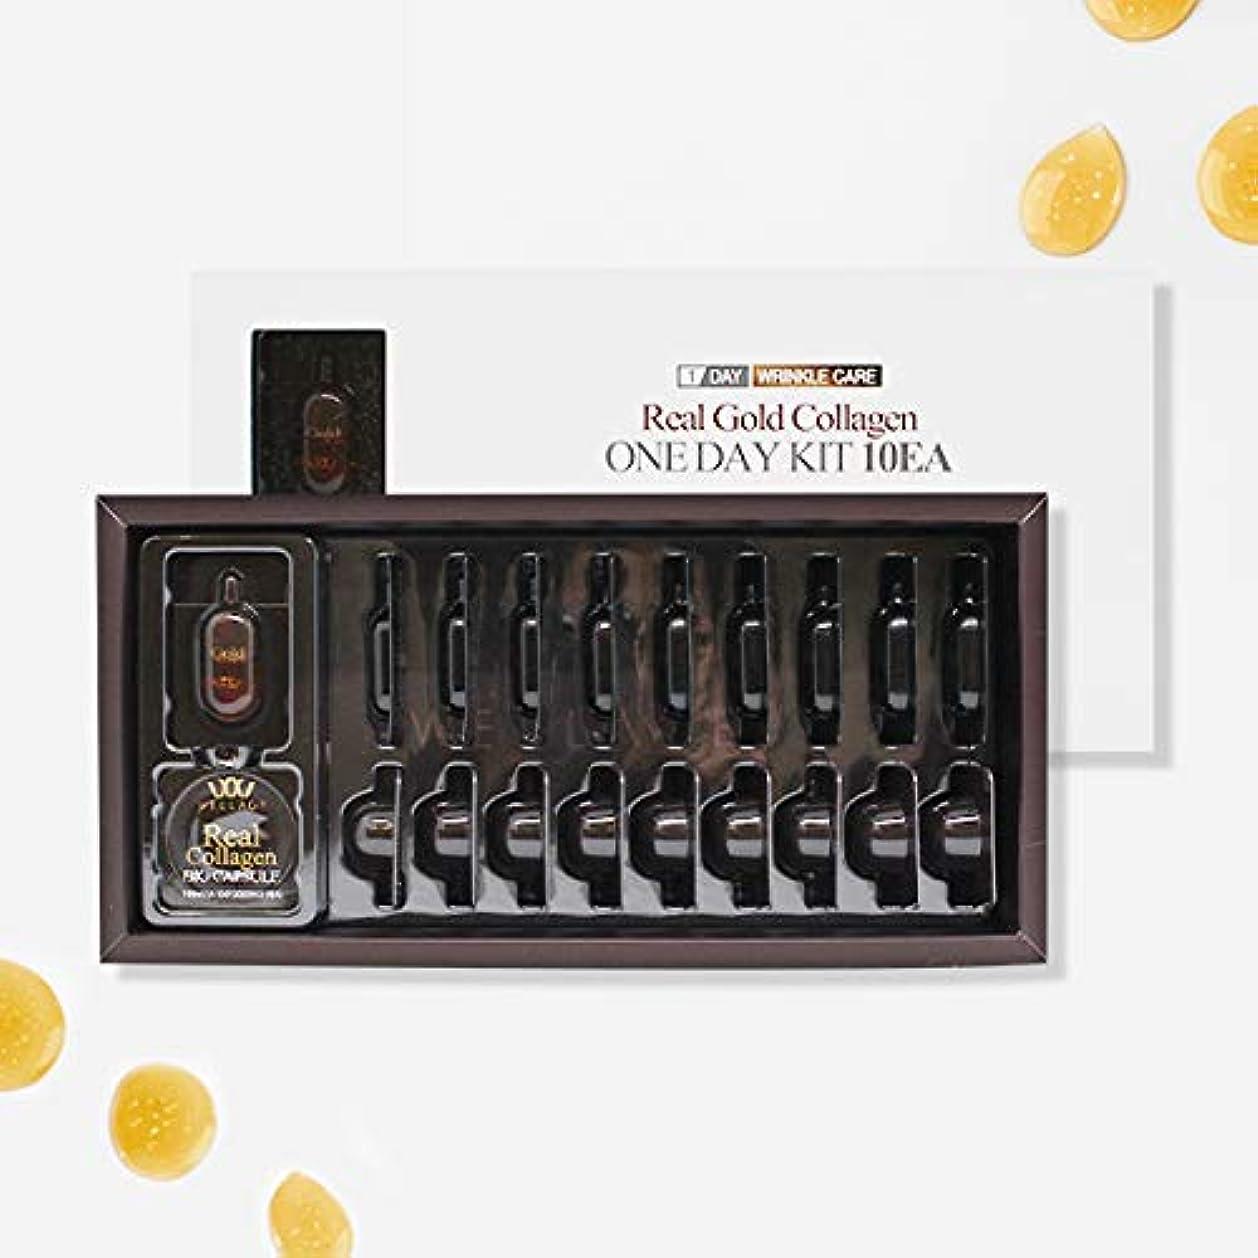 醸造所栄光のアスリートWELLAGE(ウェラージュ) リアルゴールドワンデーキットバイオカプセル 10EA (しわケア)/ Real Gold One Day Kit Bio Capsule